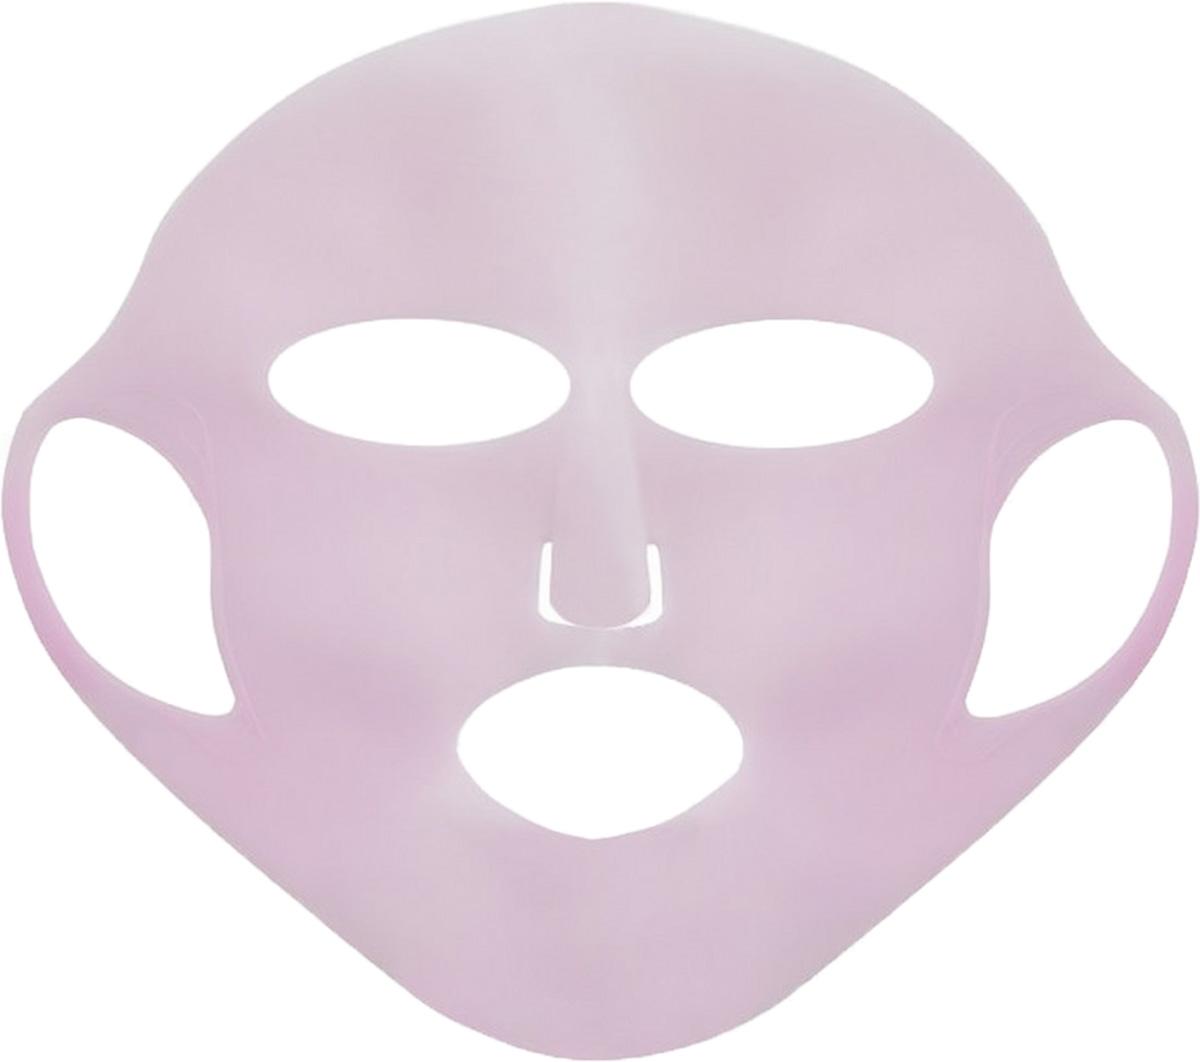 Маска косметическая Ruges Маска для лица «Чарита», 16